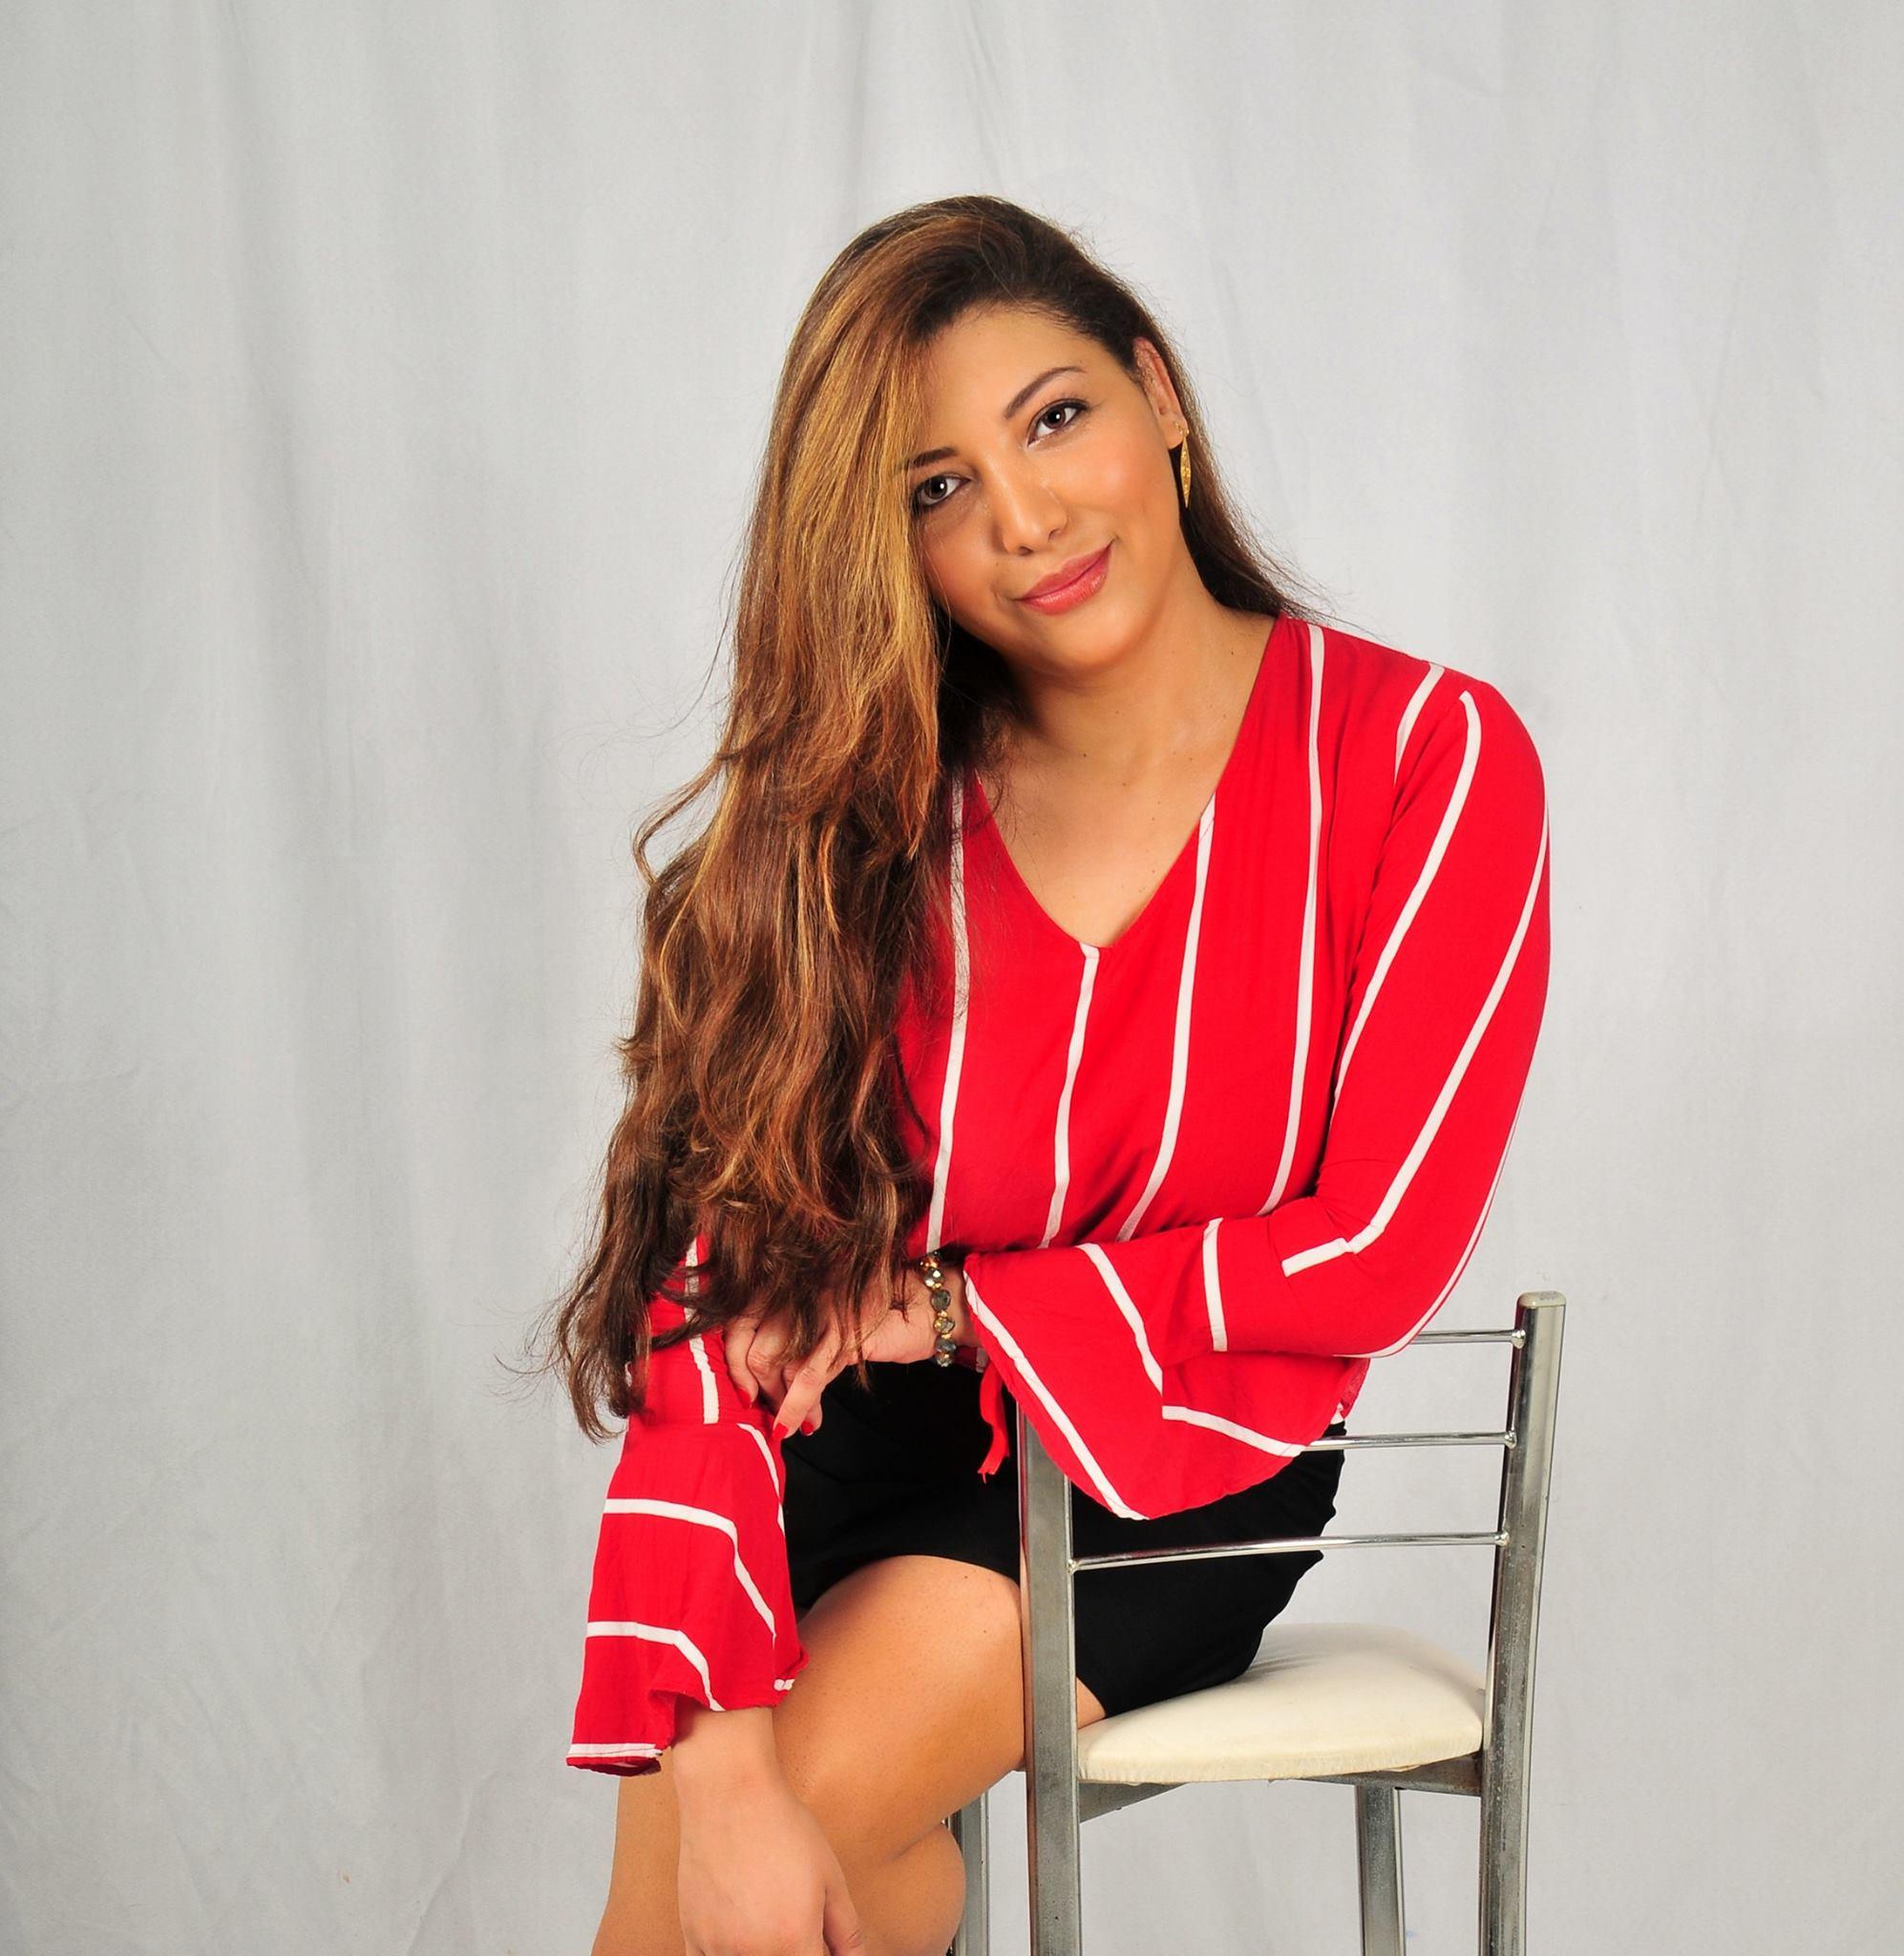 Adriana Cabral - Fundadora da loja virtual e blog Pashmina Brasil.. Adriana é também publicista, ativista e pesquisadora intercultural. Casada ha 6 anos com Khalid, morou no Oriente Medio e outros paises, dando inicio ao interesse em tradições culturais na moda, e do interesse em pashminas e acessorios nasceu a Pashmina Brasil.